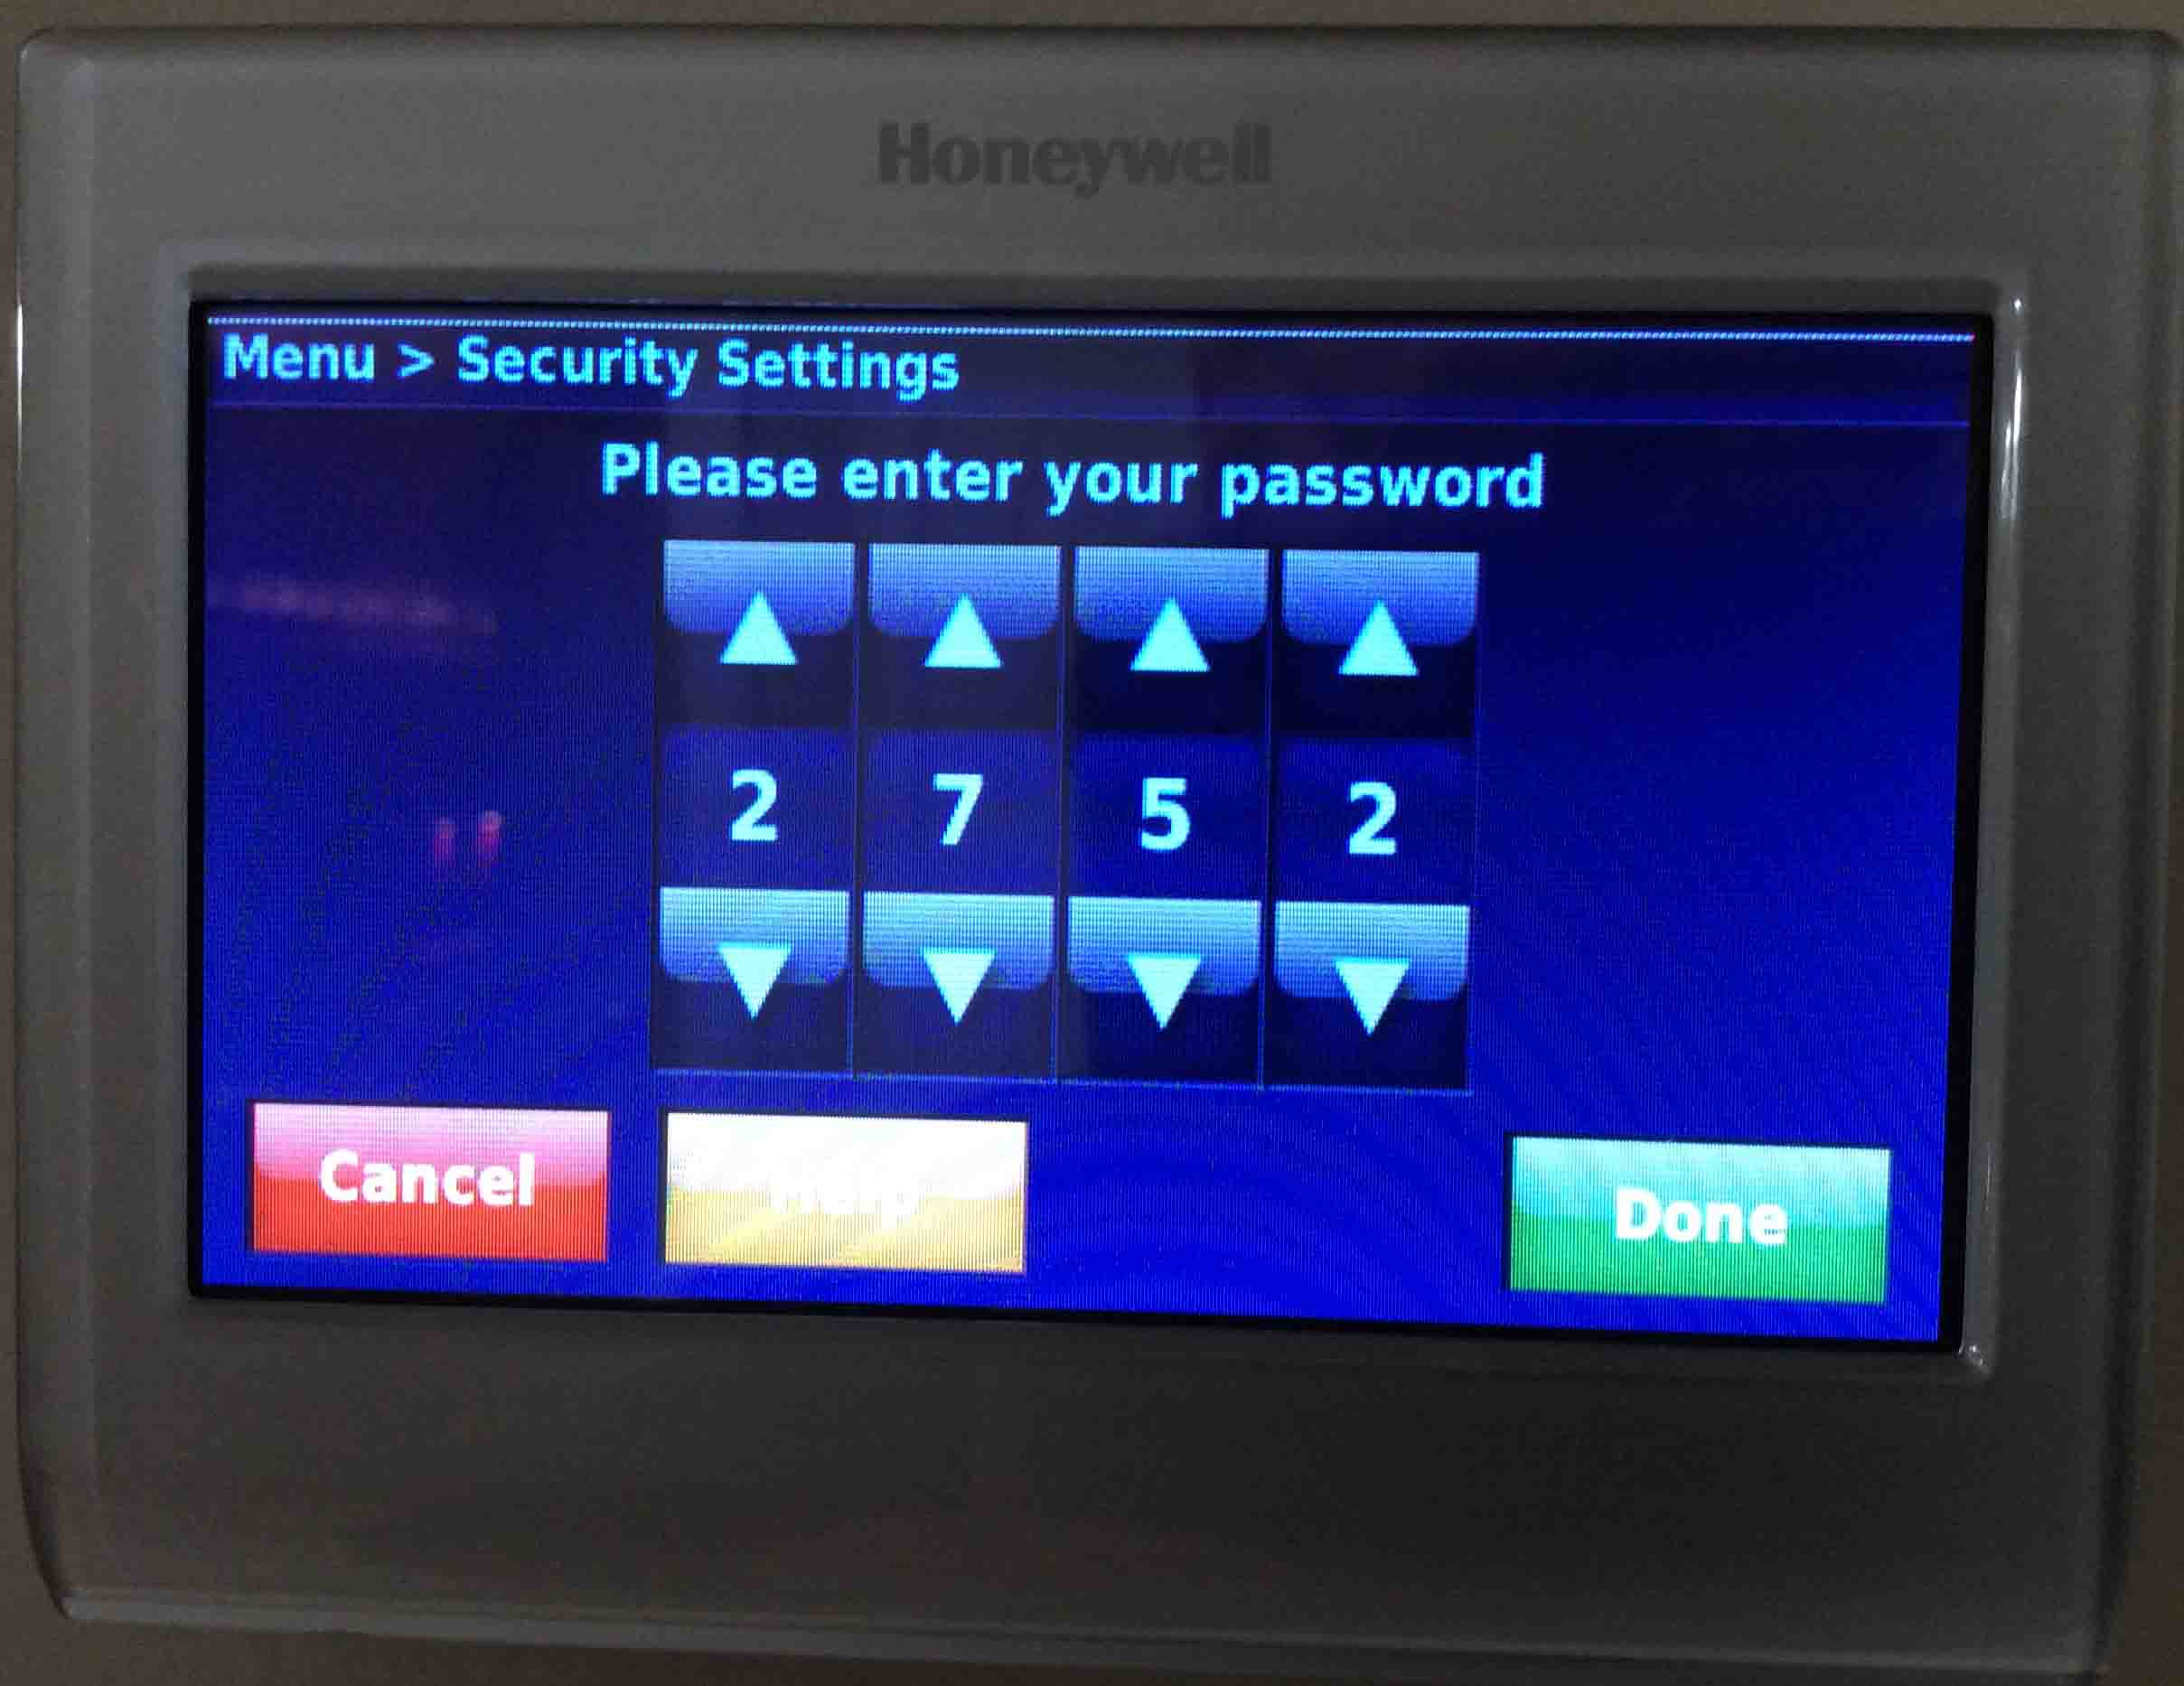 how to delete passcode on weiser smart code